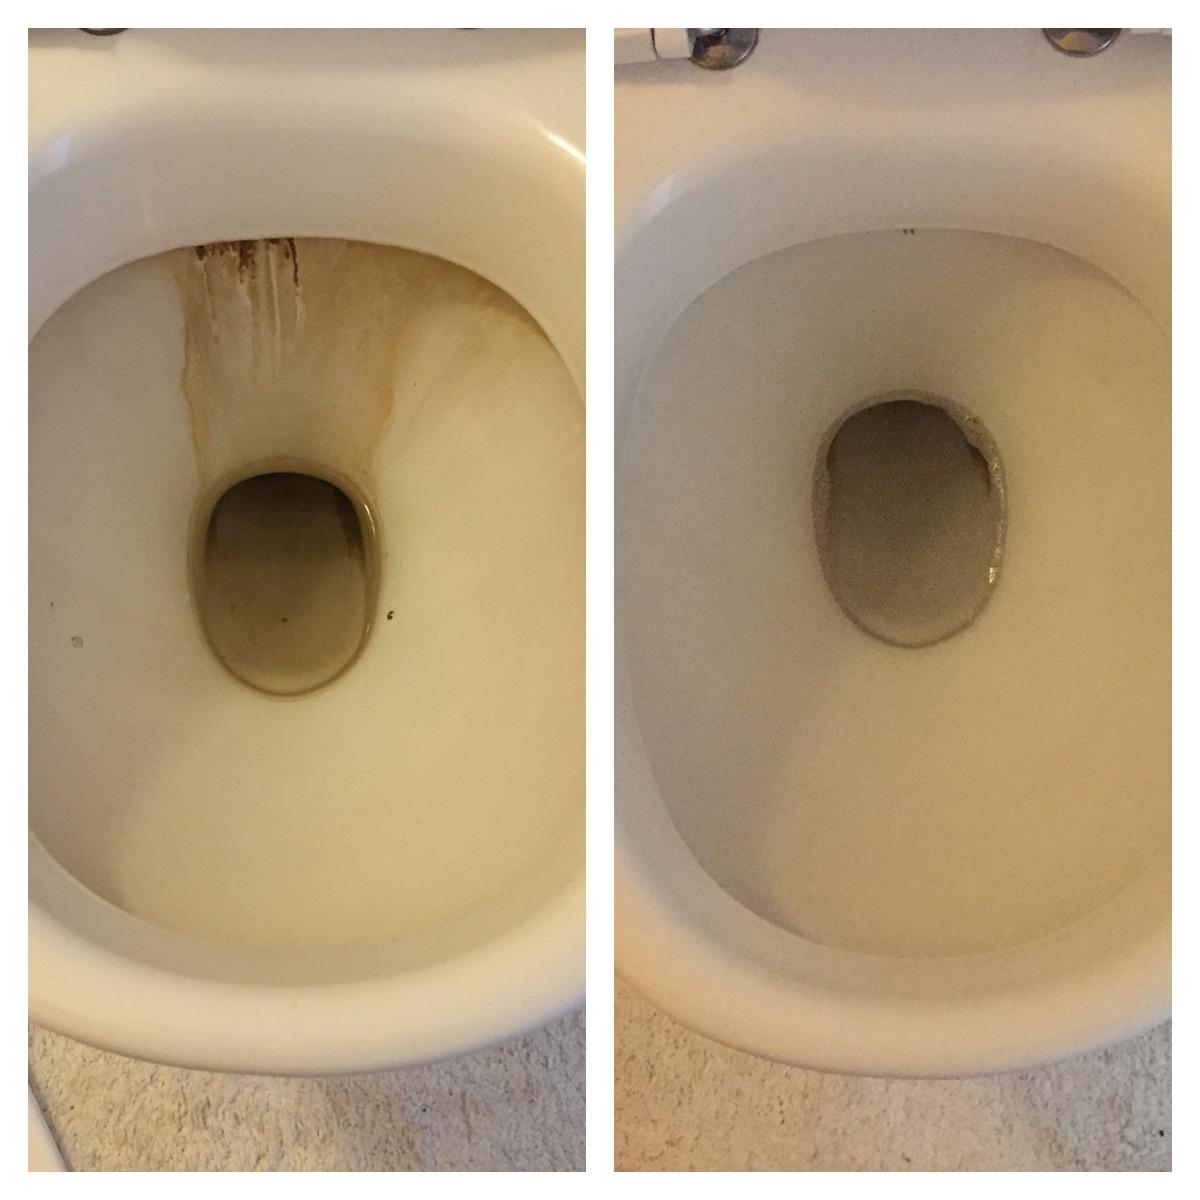 6c1ab637 Før og efter billede af toilet med mørke rander